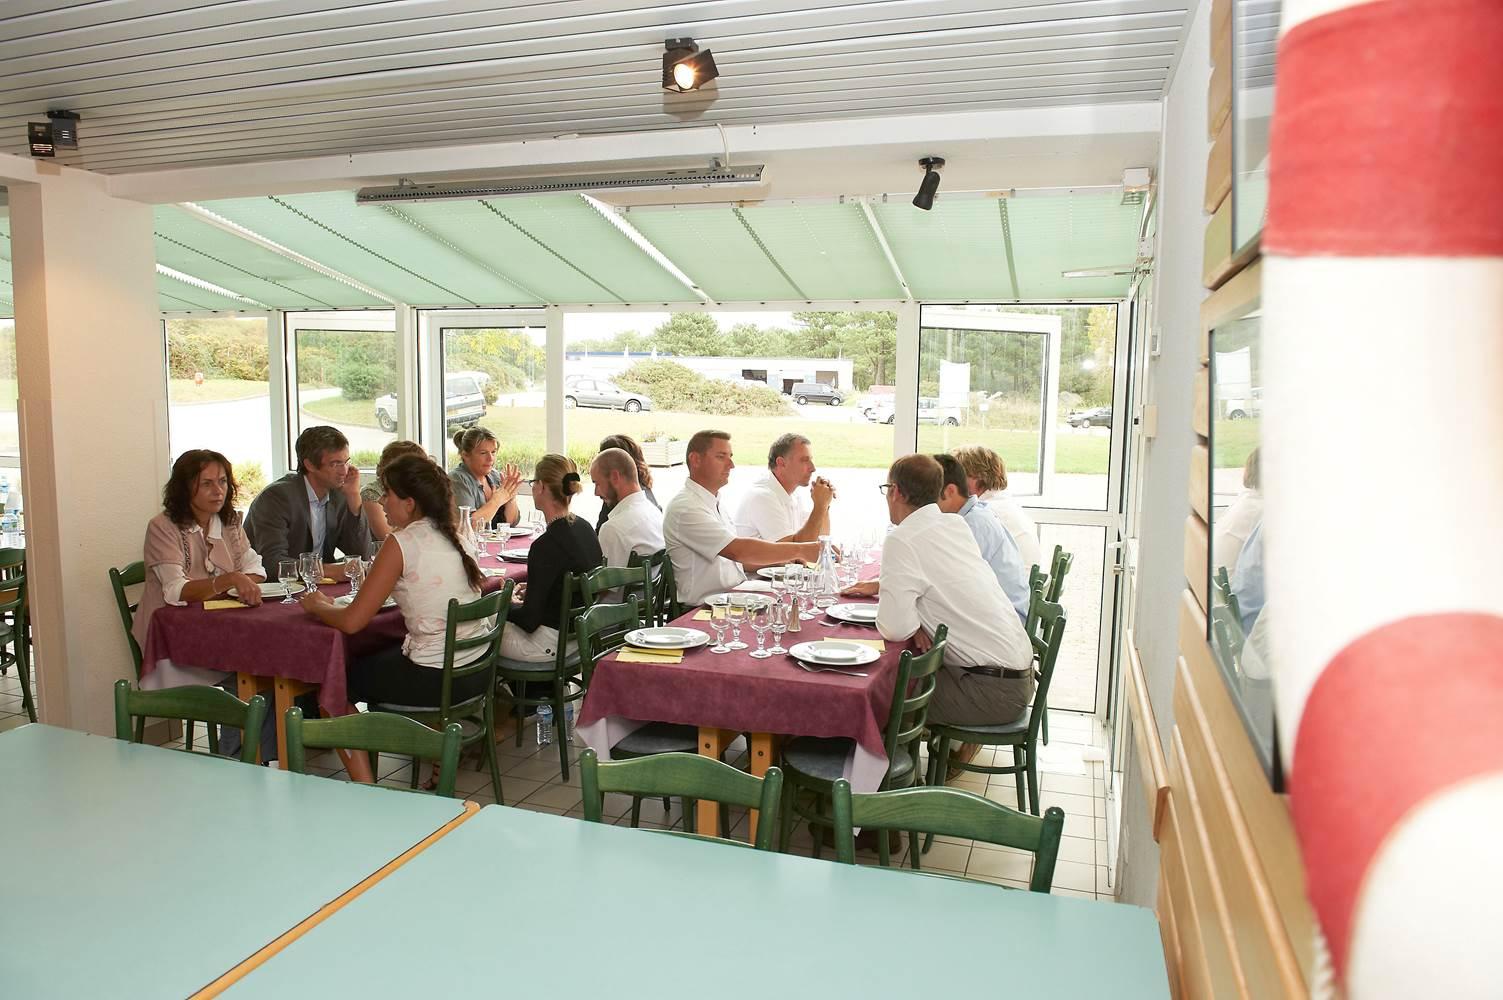 Résidence Parc Océanique de Kerguelen - Larmor-Plage - Groix - Lorient - Morbihan - Bretagne Sud © Kerguelen